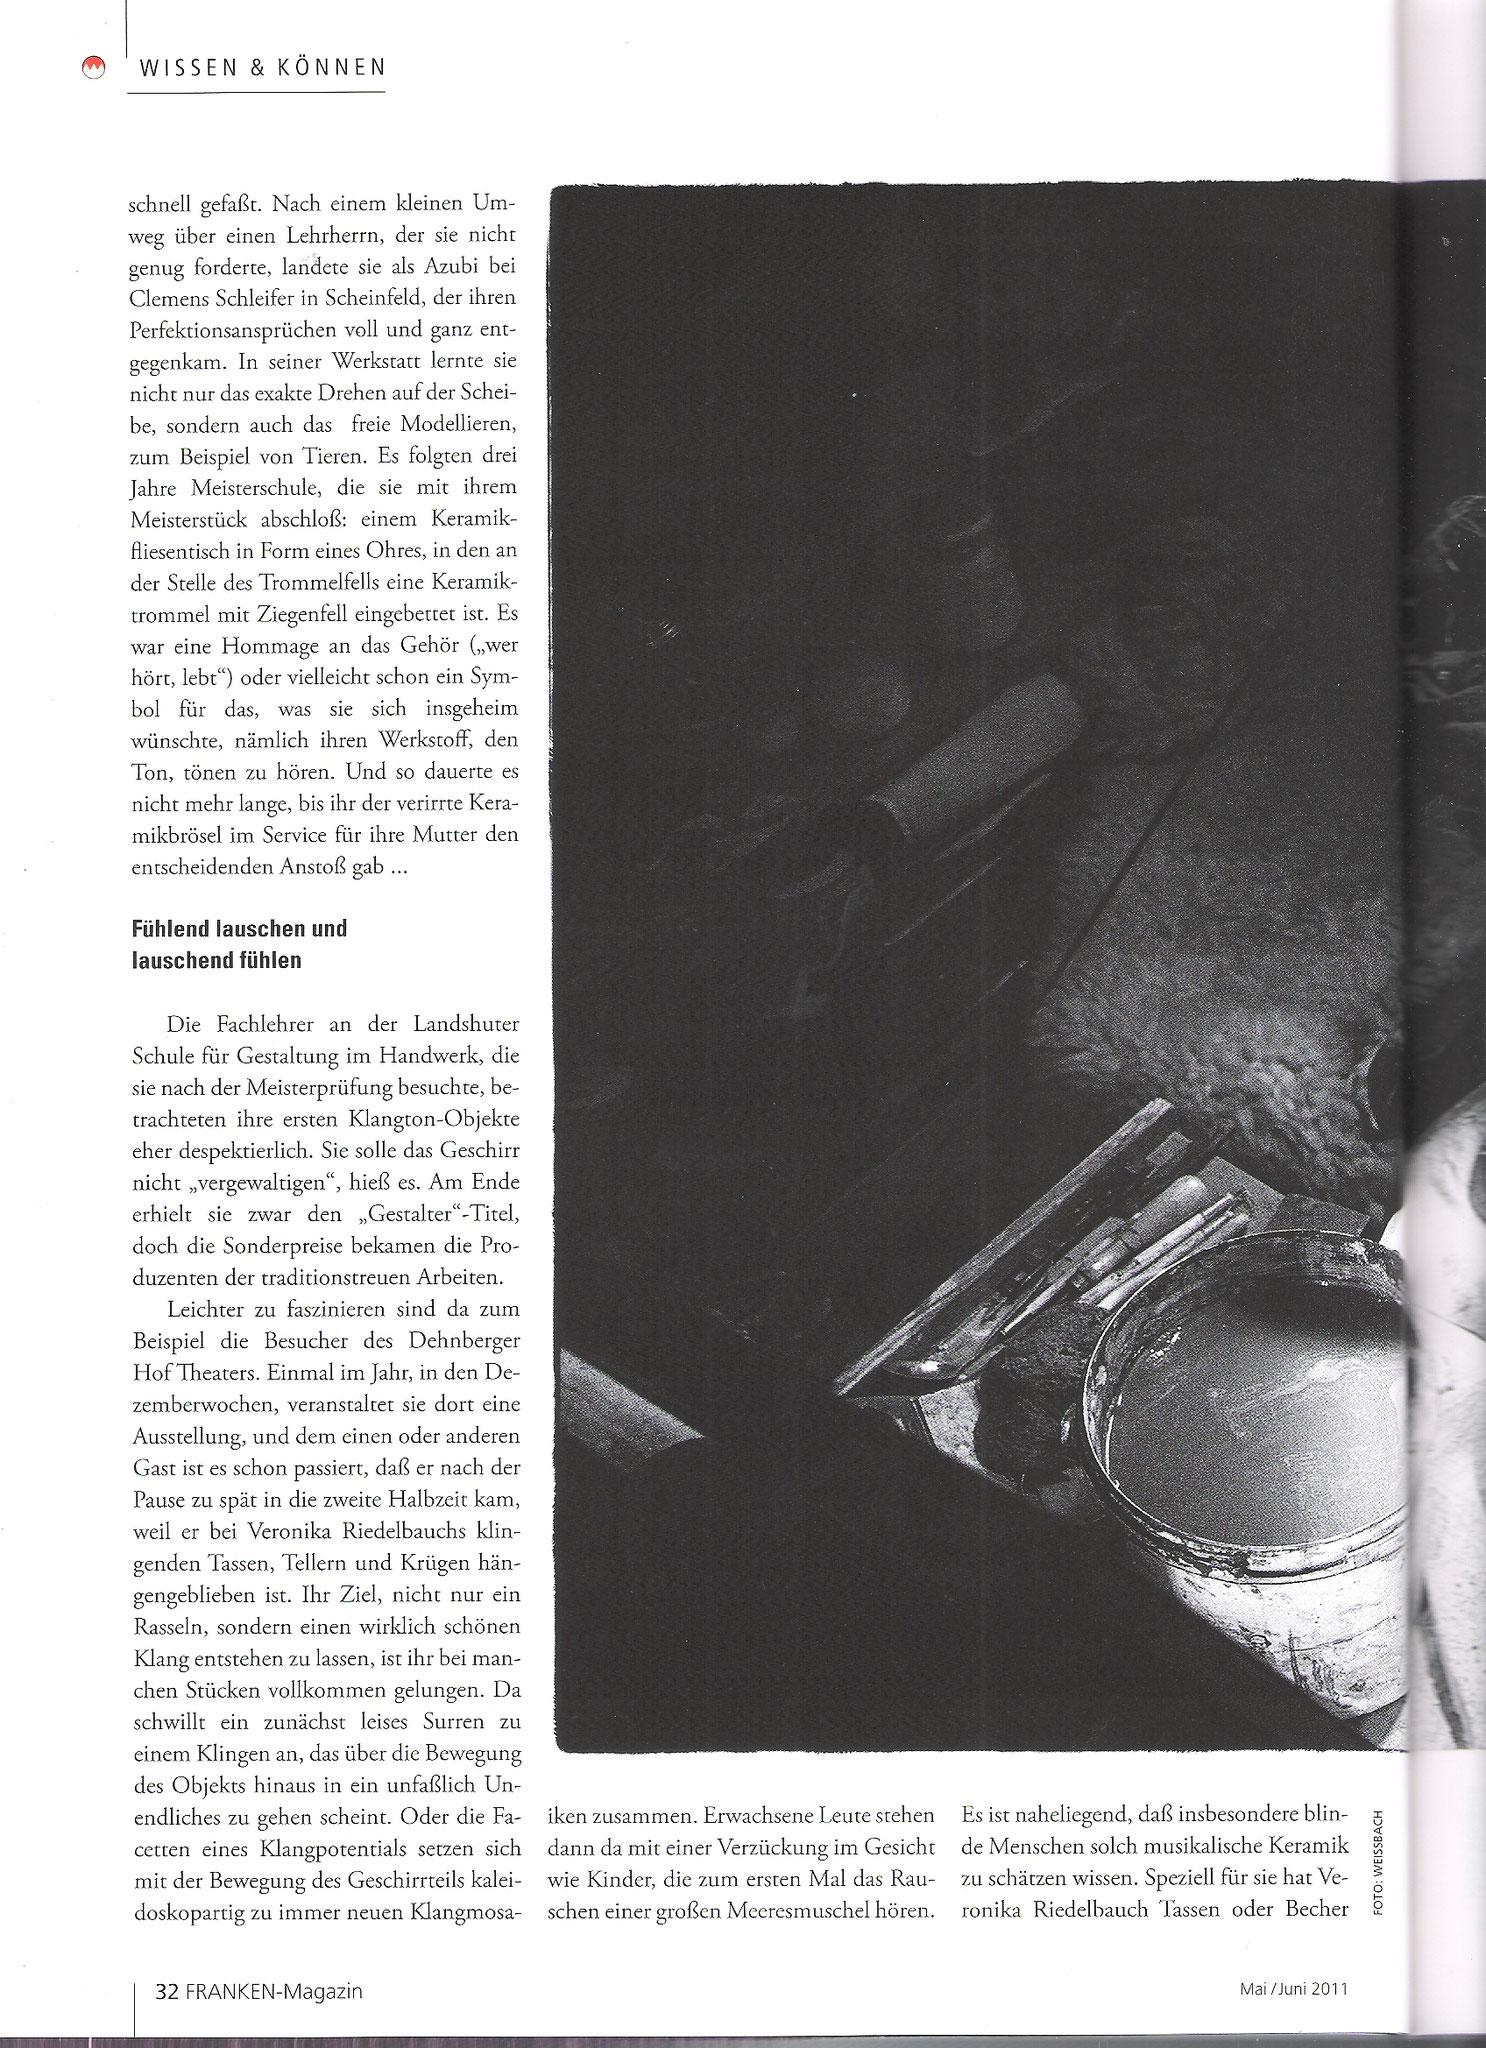 Klangmosaik - Meeresmuschel - FRANKEN-Magazin